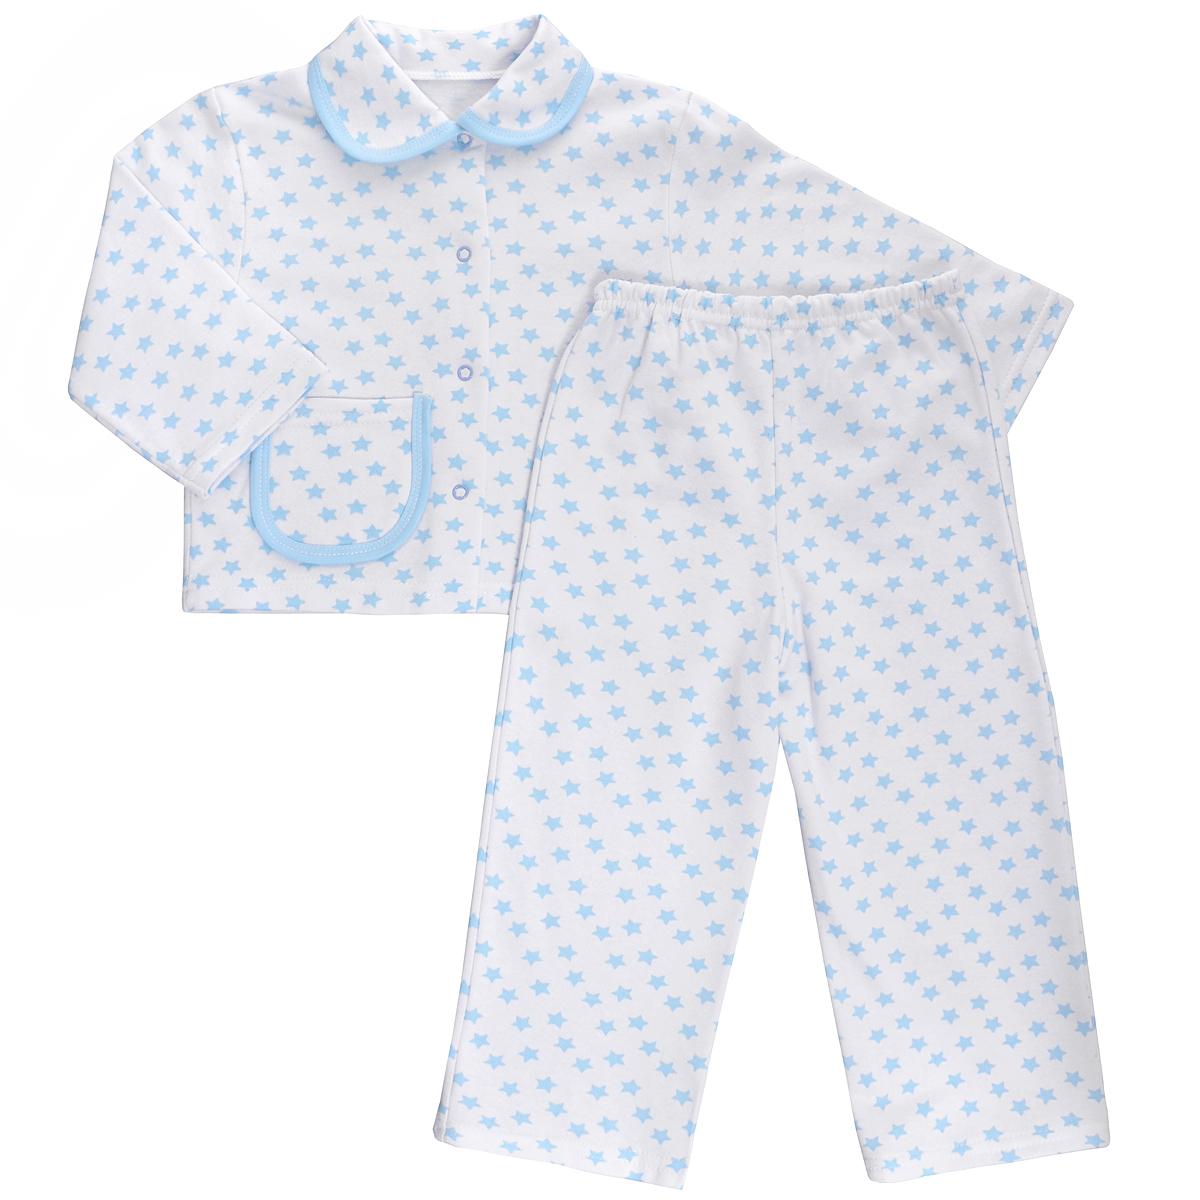 Пижама детская Трон-плюс, цвет: белый, голубой, рисунок звезды. 5552. Размер 98/104, 3-5 лет